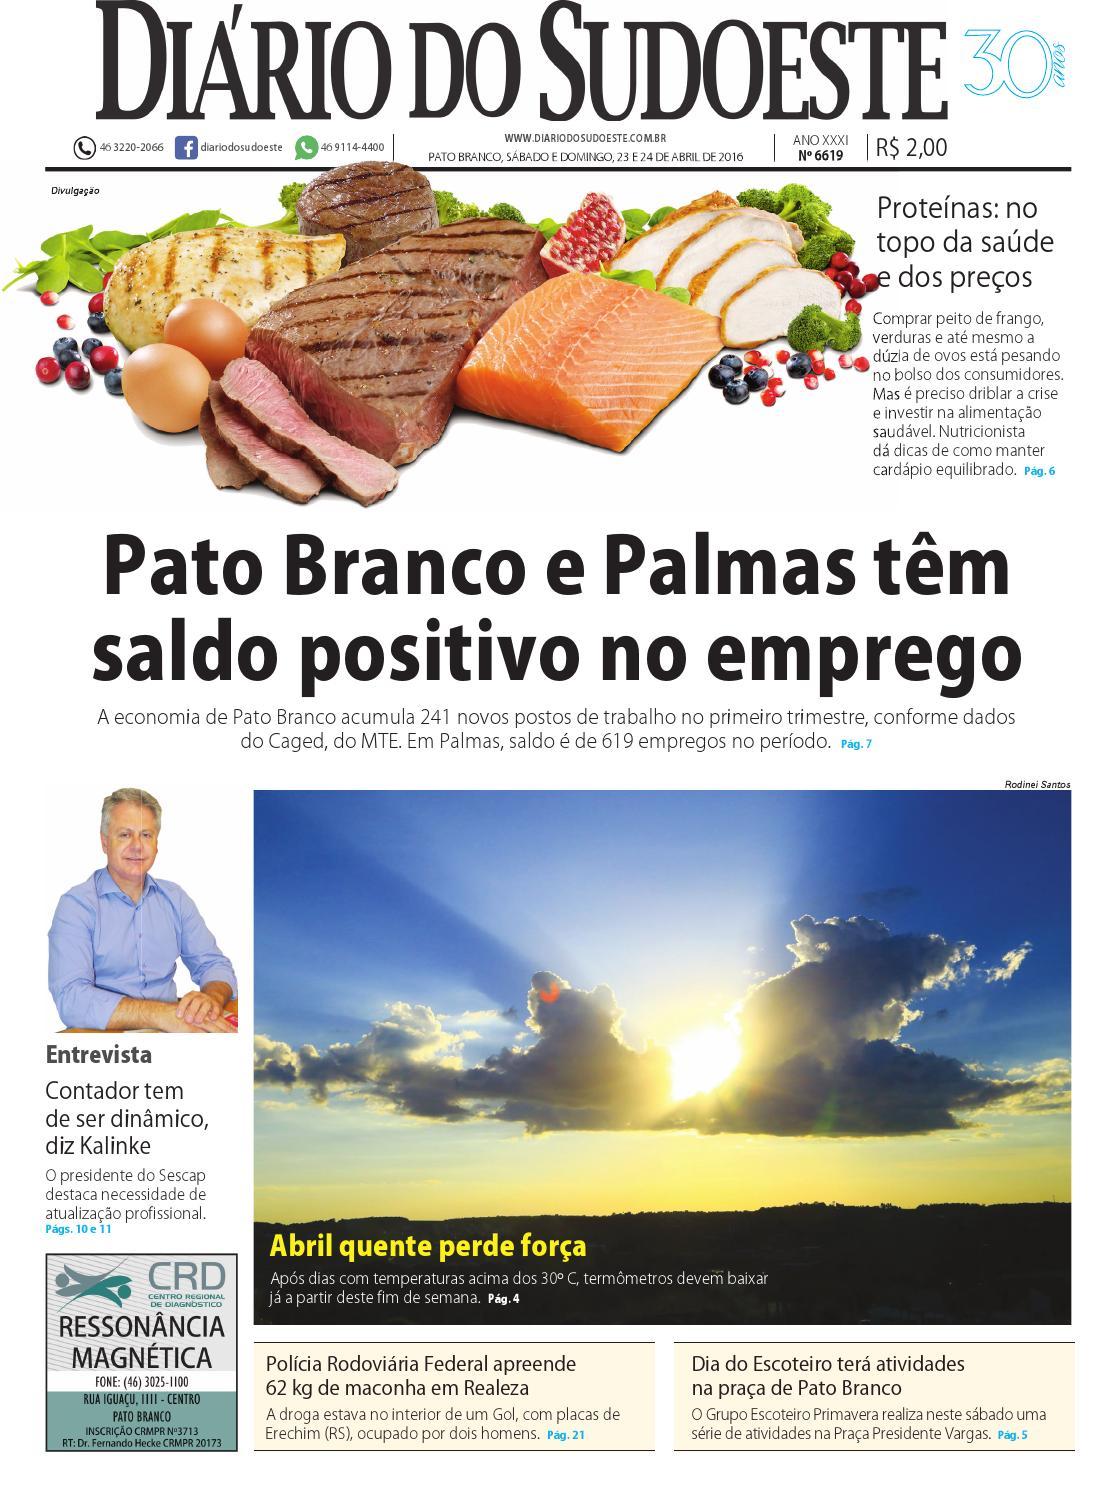 09994e637dc Diário do sudoeste 23 e 24 de abril de 2016 ed 6619 by Diário do Sudoeste -  issuu